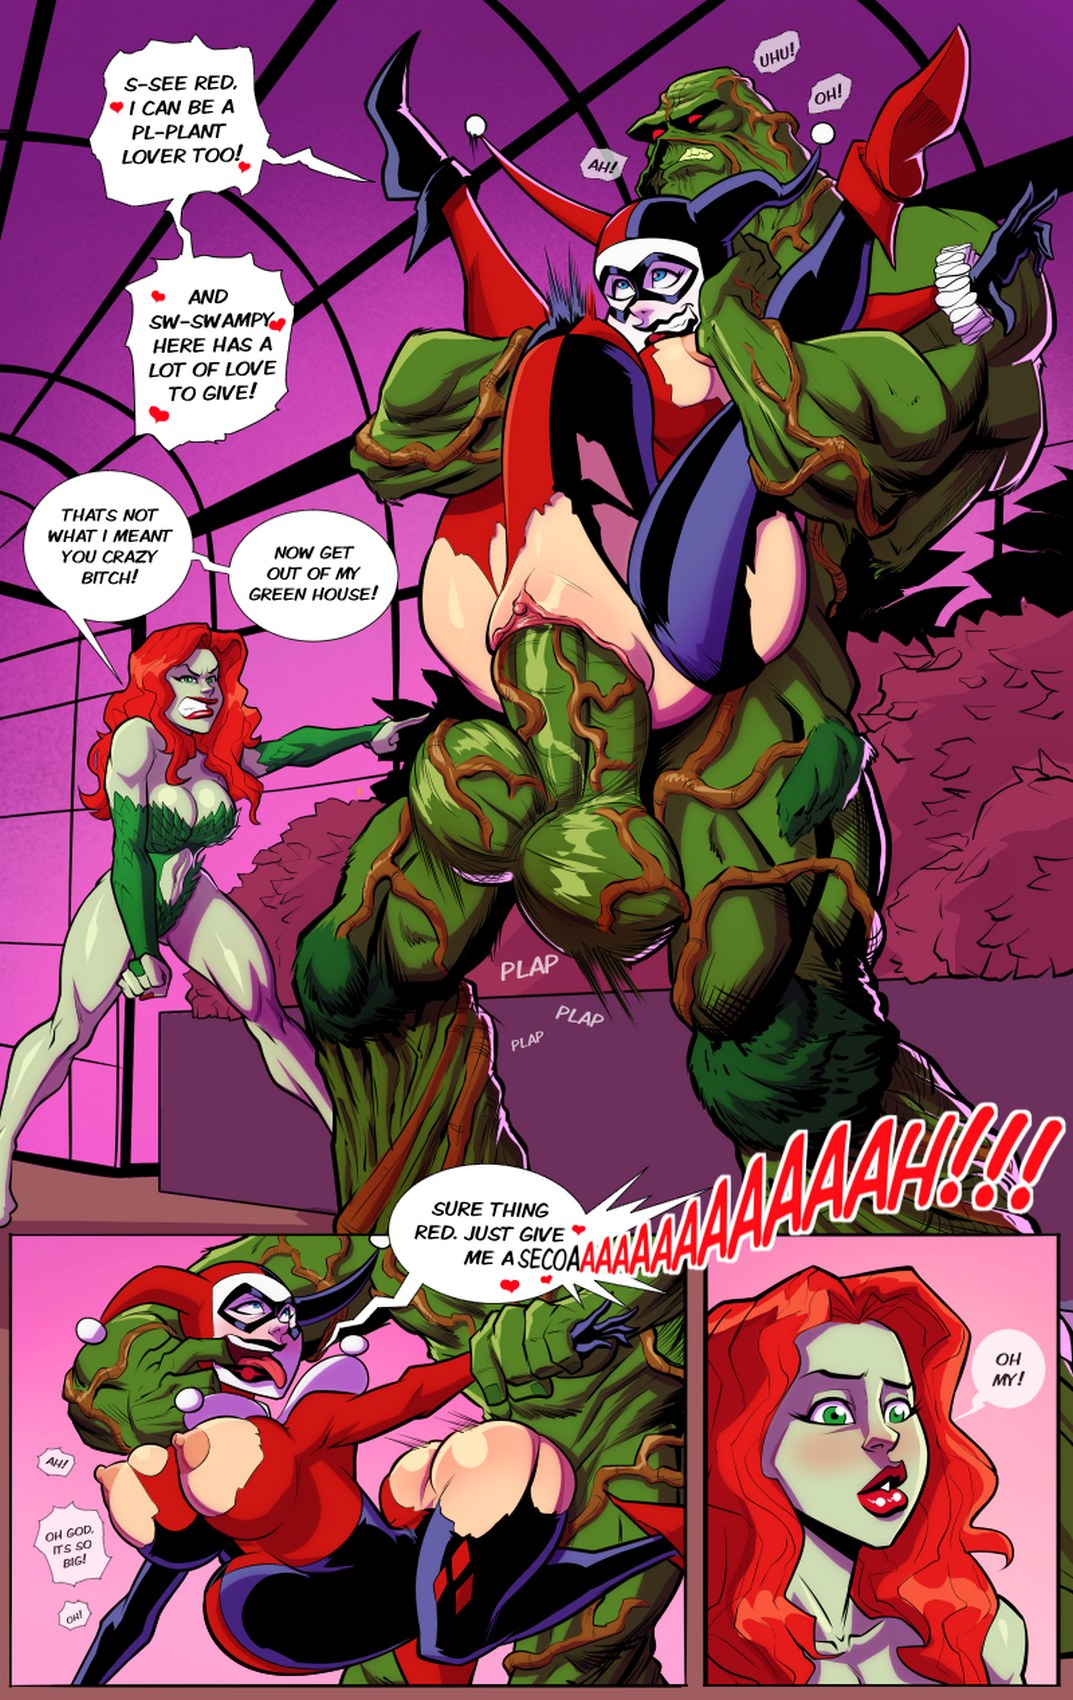 Hentai harley comic quinn Lois Lane